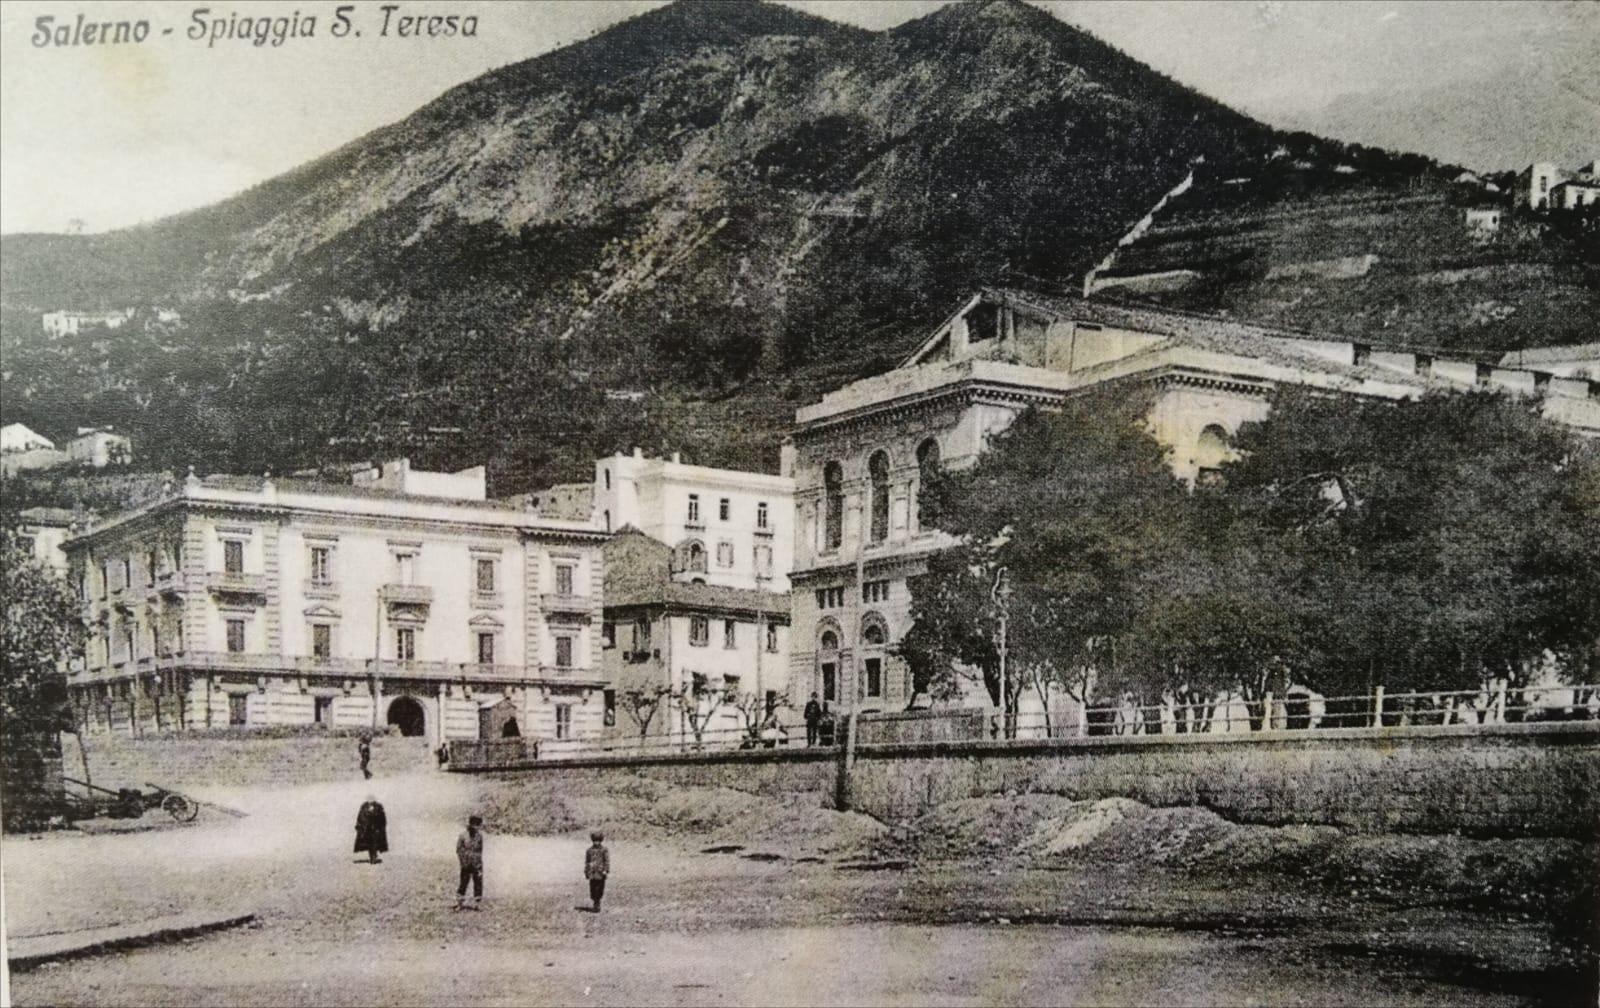 La spiaggia di Santa Teresa agli inizi del '900